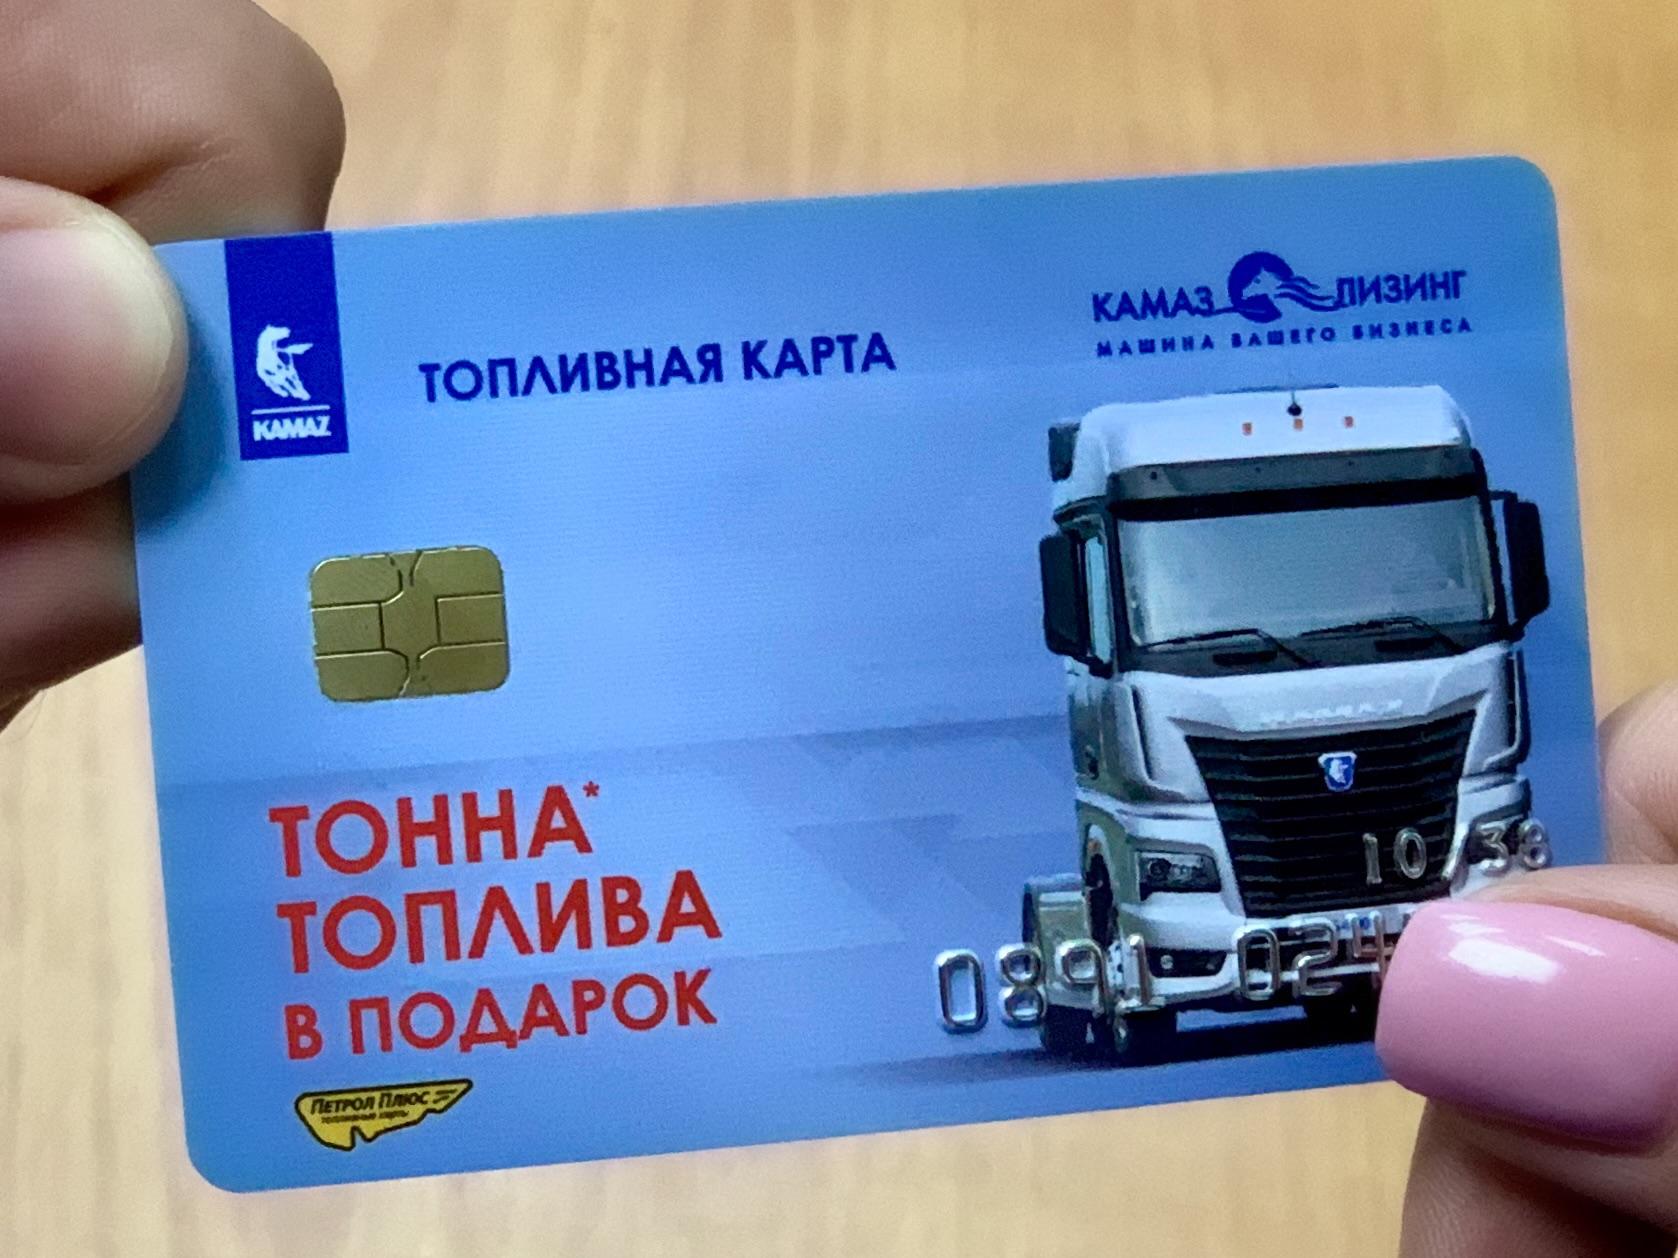 «КАМАЗ-ЛИЗИНГ» продлил акцию с бонусом для клиентов